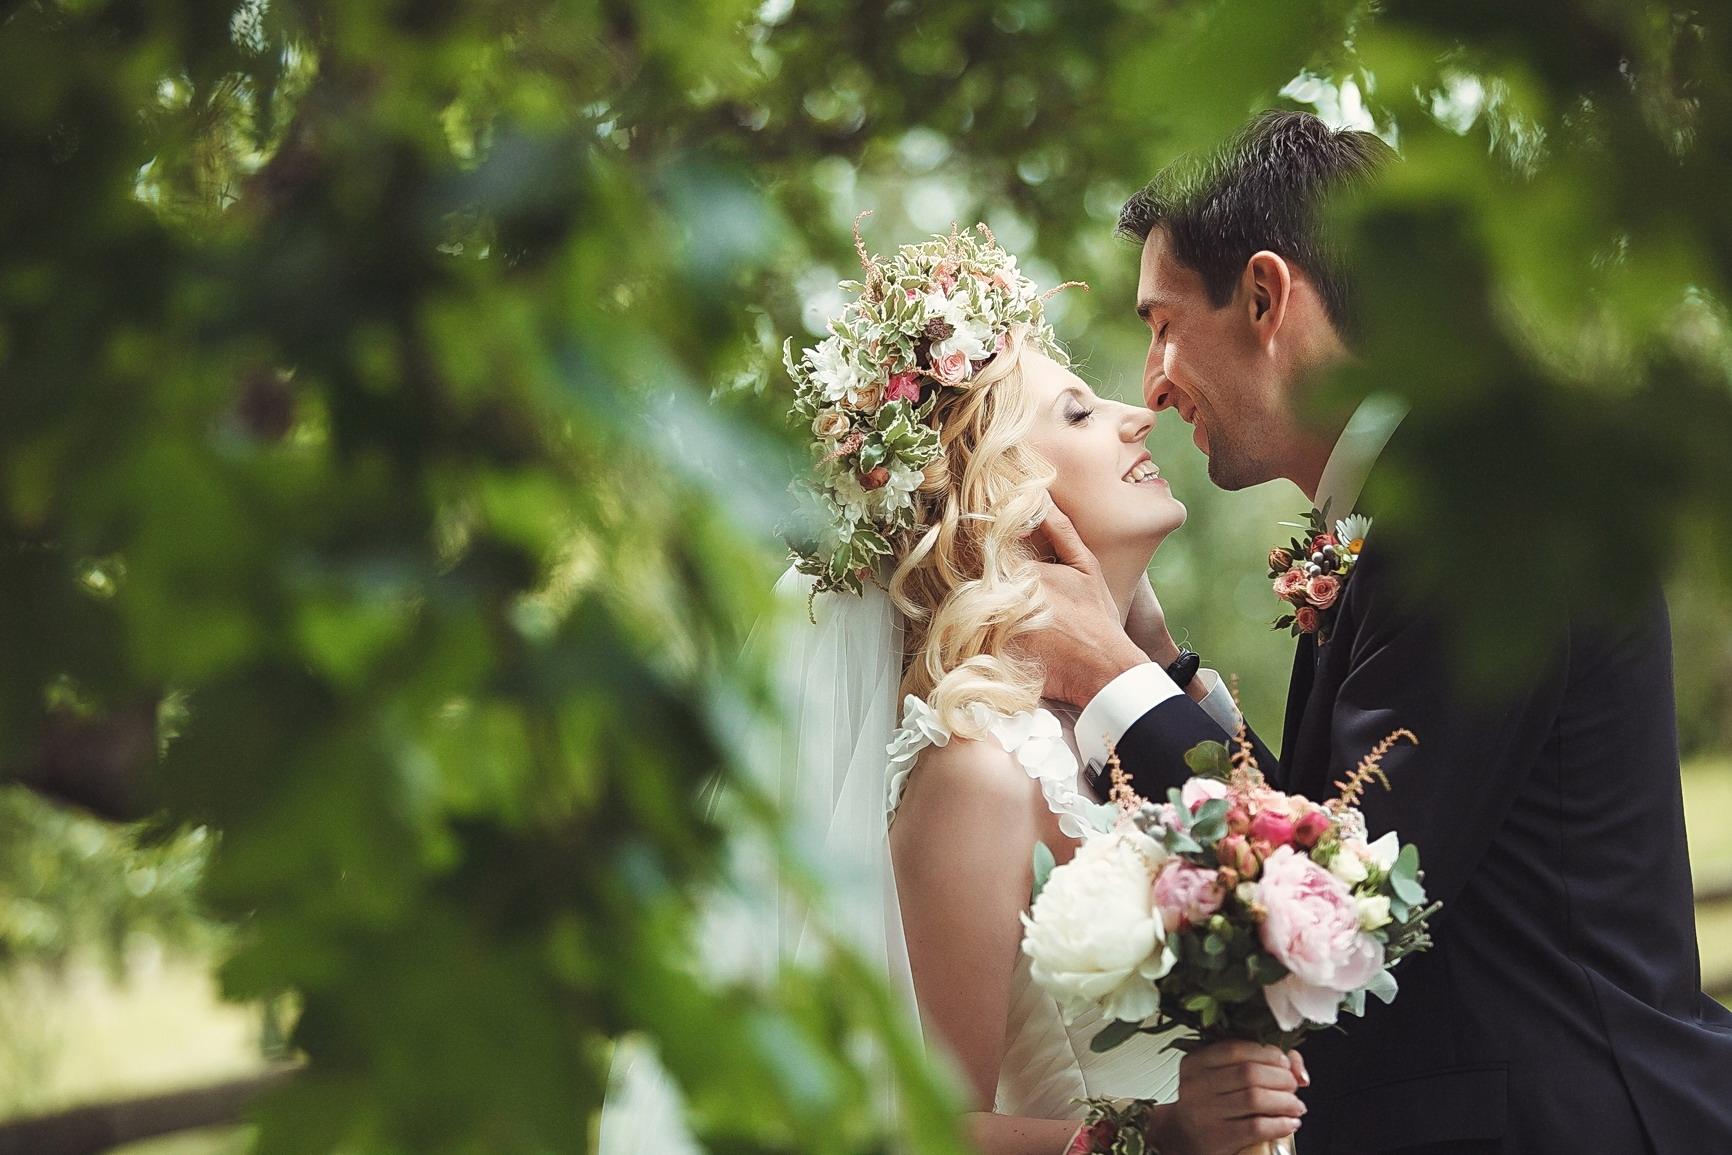 просто уверена, сайт лучших свадебных фотографов для строительства холмах